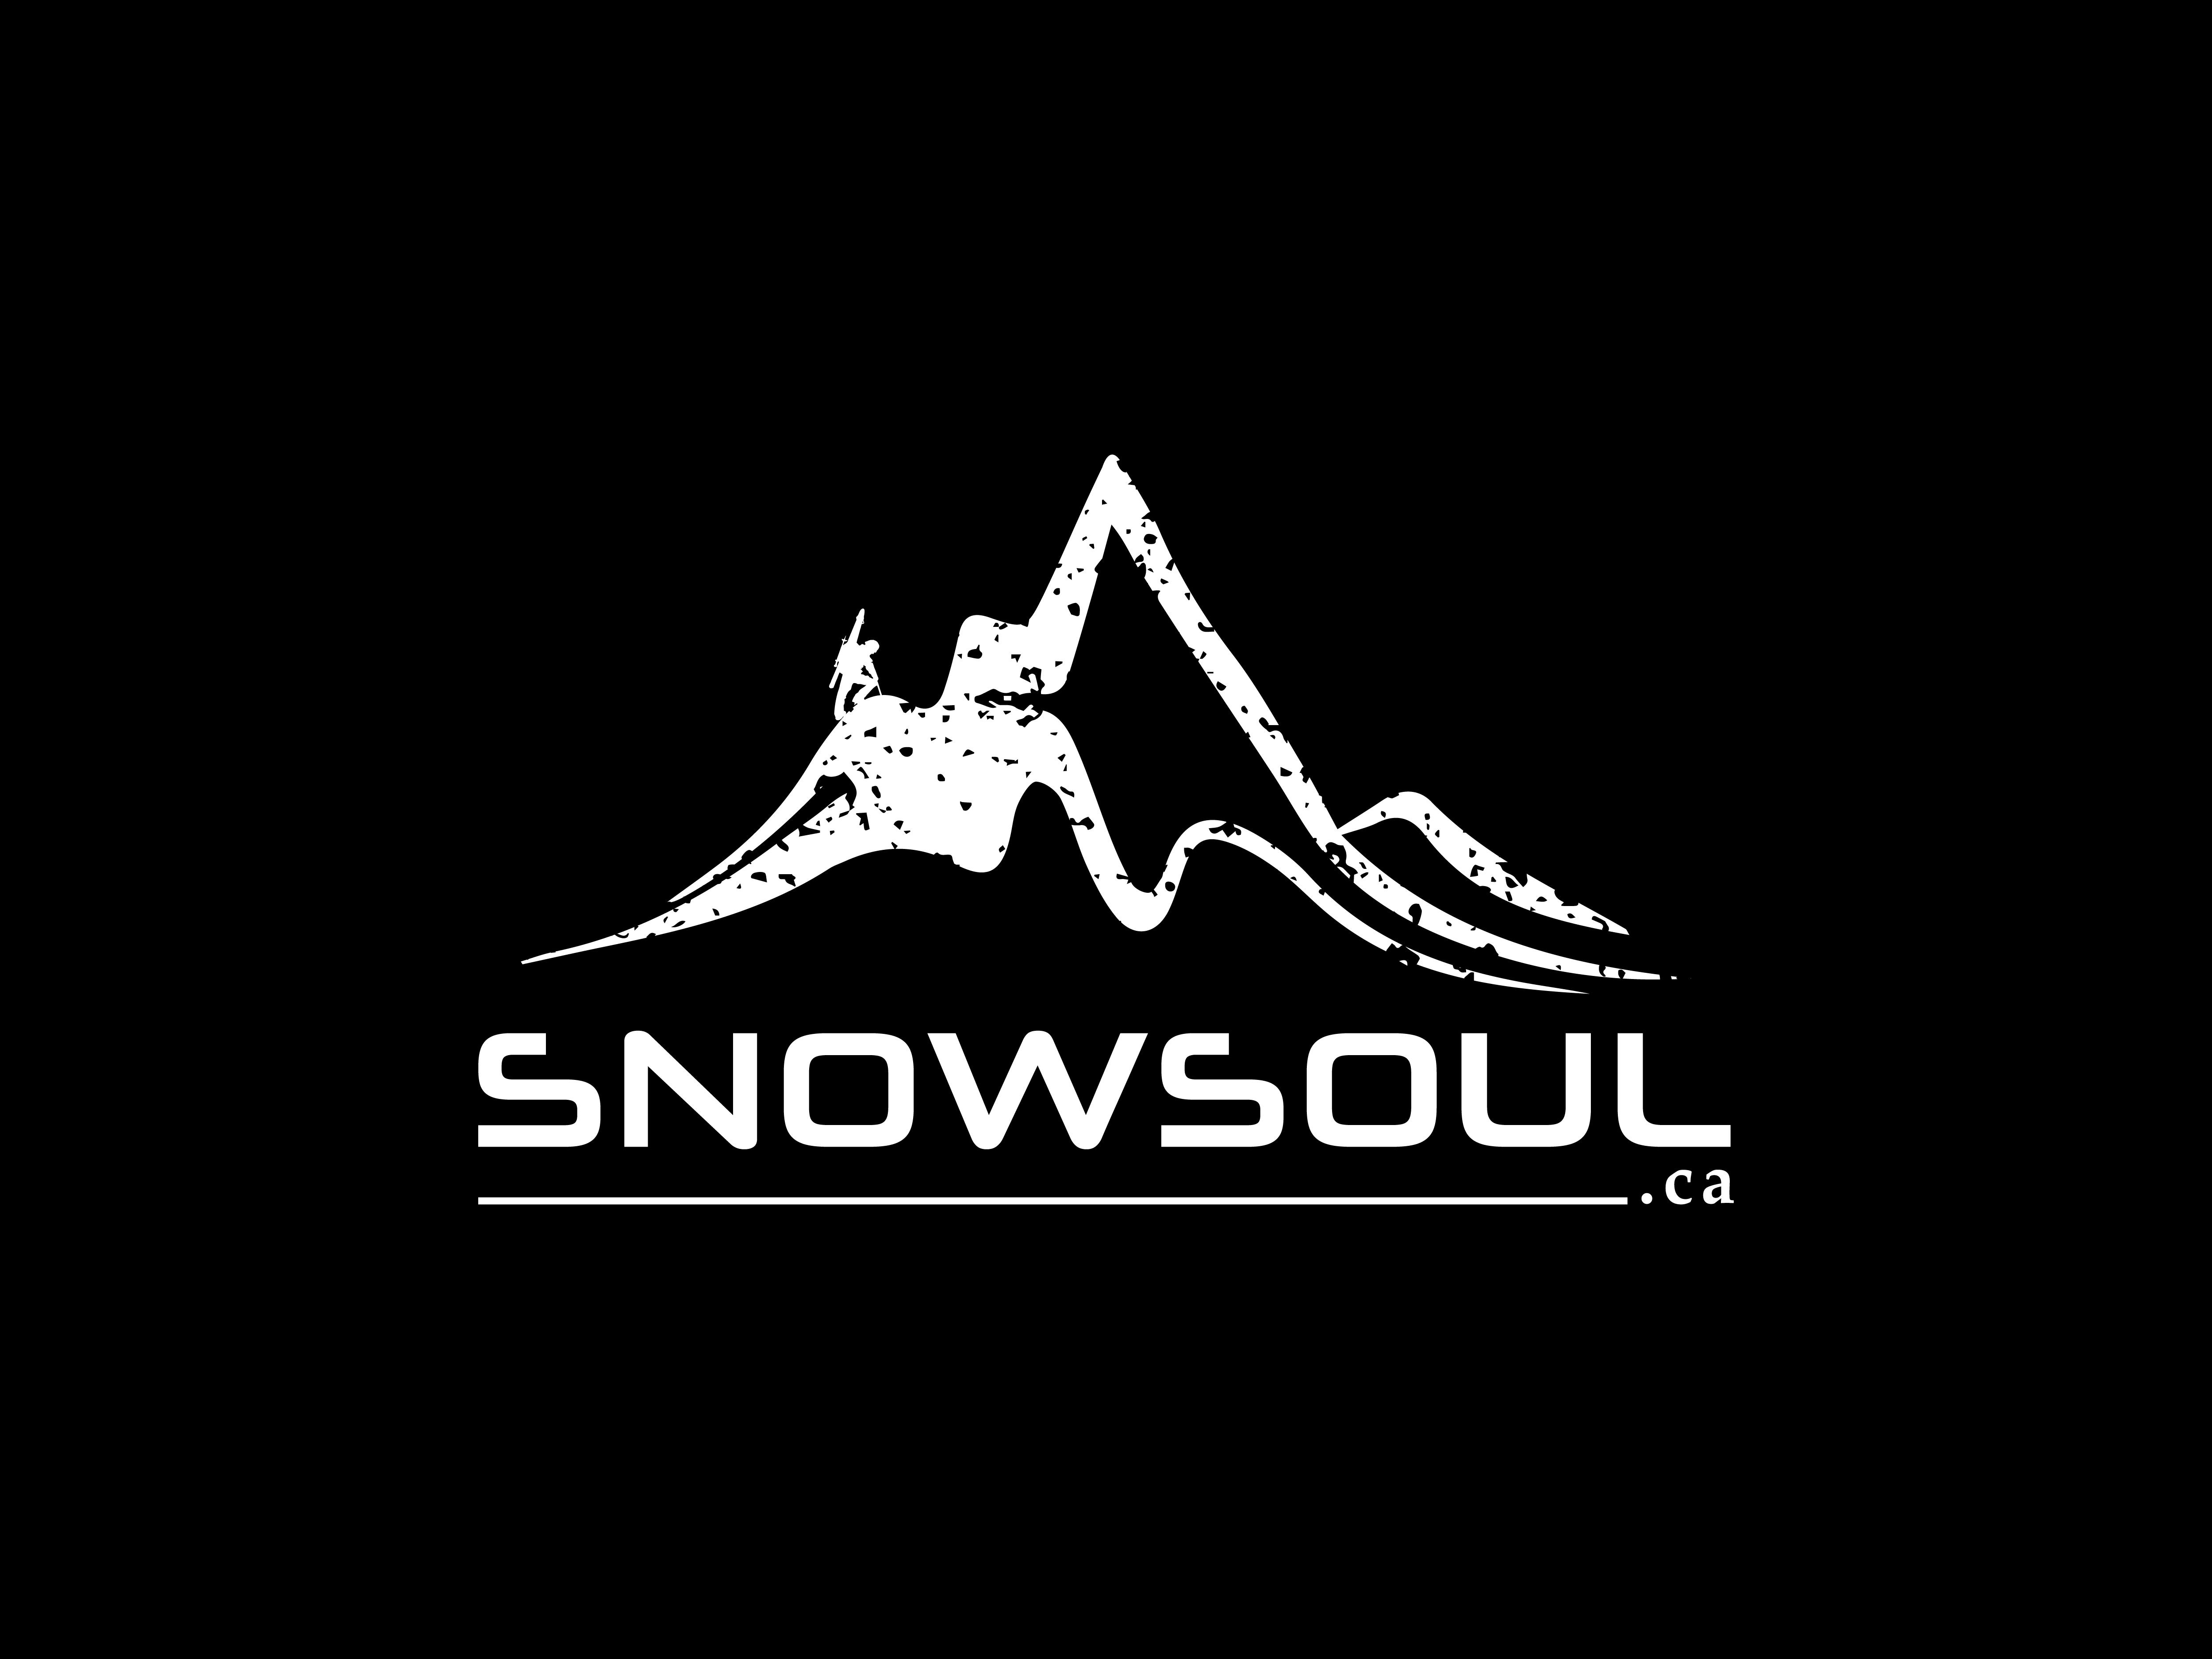 Snowsoul.ca